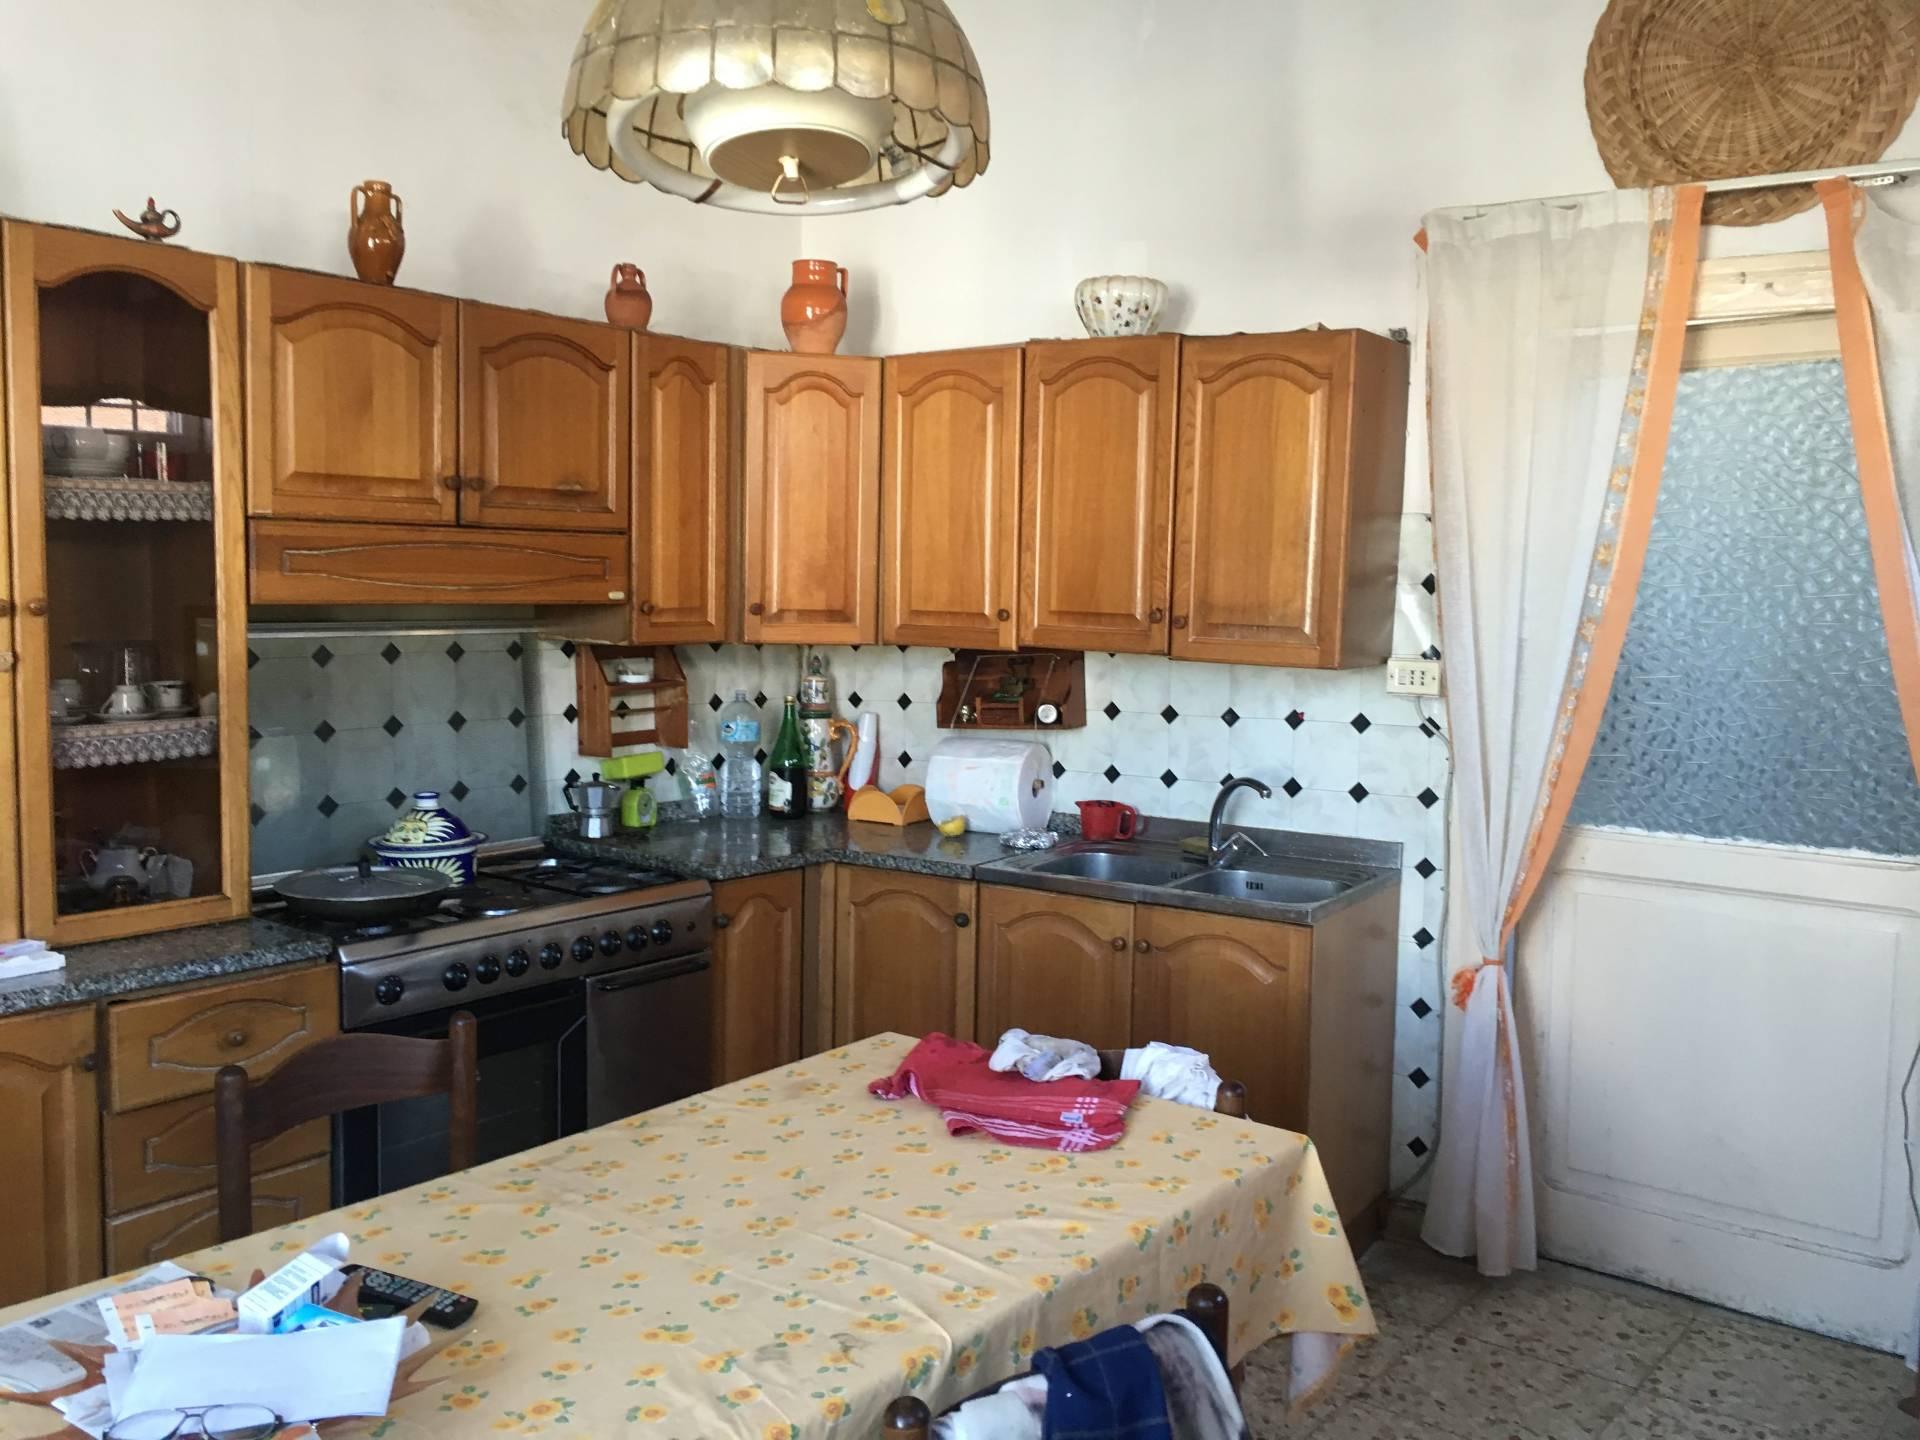 Appartamento in vendita a San Giuseppe Vesuviano, 2 locali, prezzo € 45.000 | CambioCasa.it